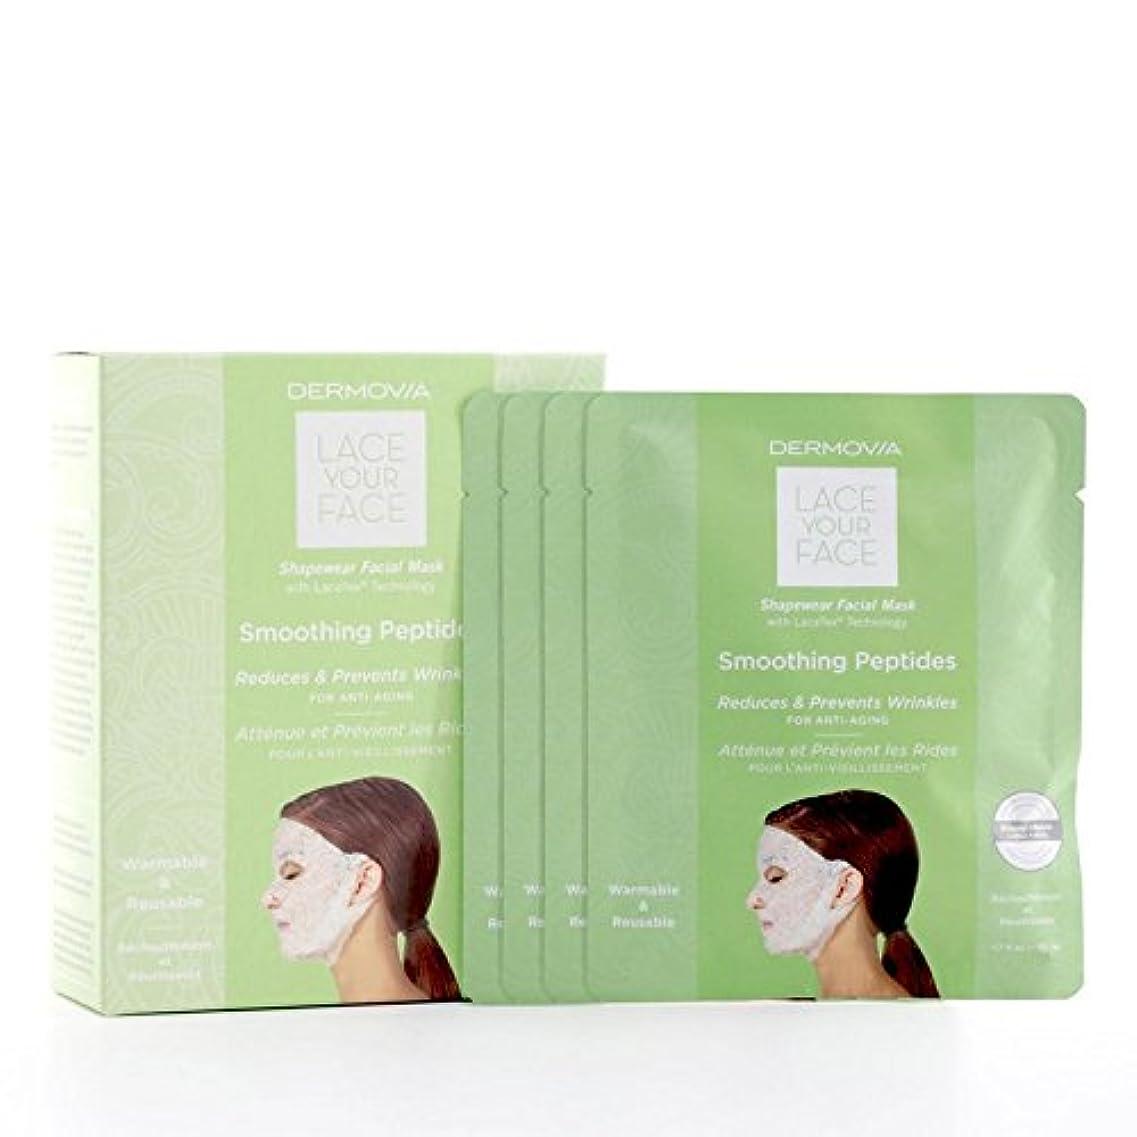 文字通りパーフェルビッド印象派Dermovia Lace Your Face Compression Facial Mask Smoothing Peptides - は、あなたの顔の圧縮フェイシャルマスク平滑化ペプチドをひもで締めます [並行輸入品]